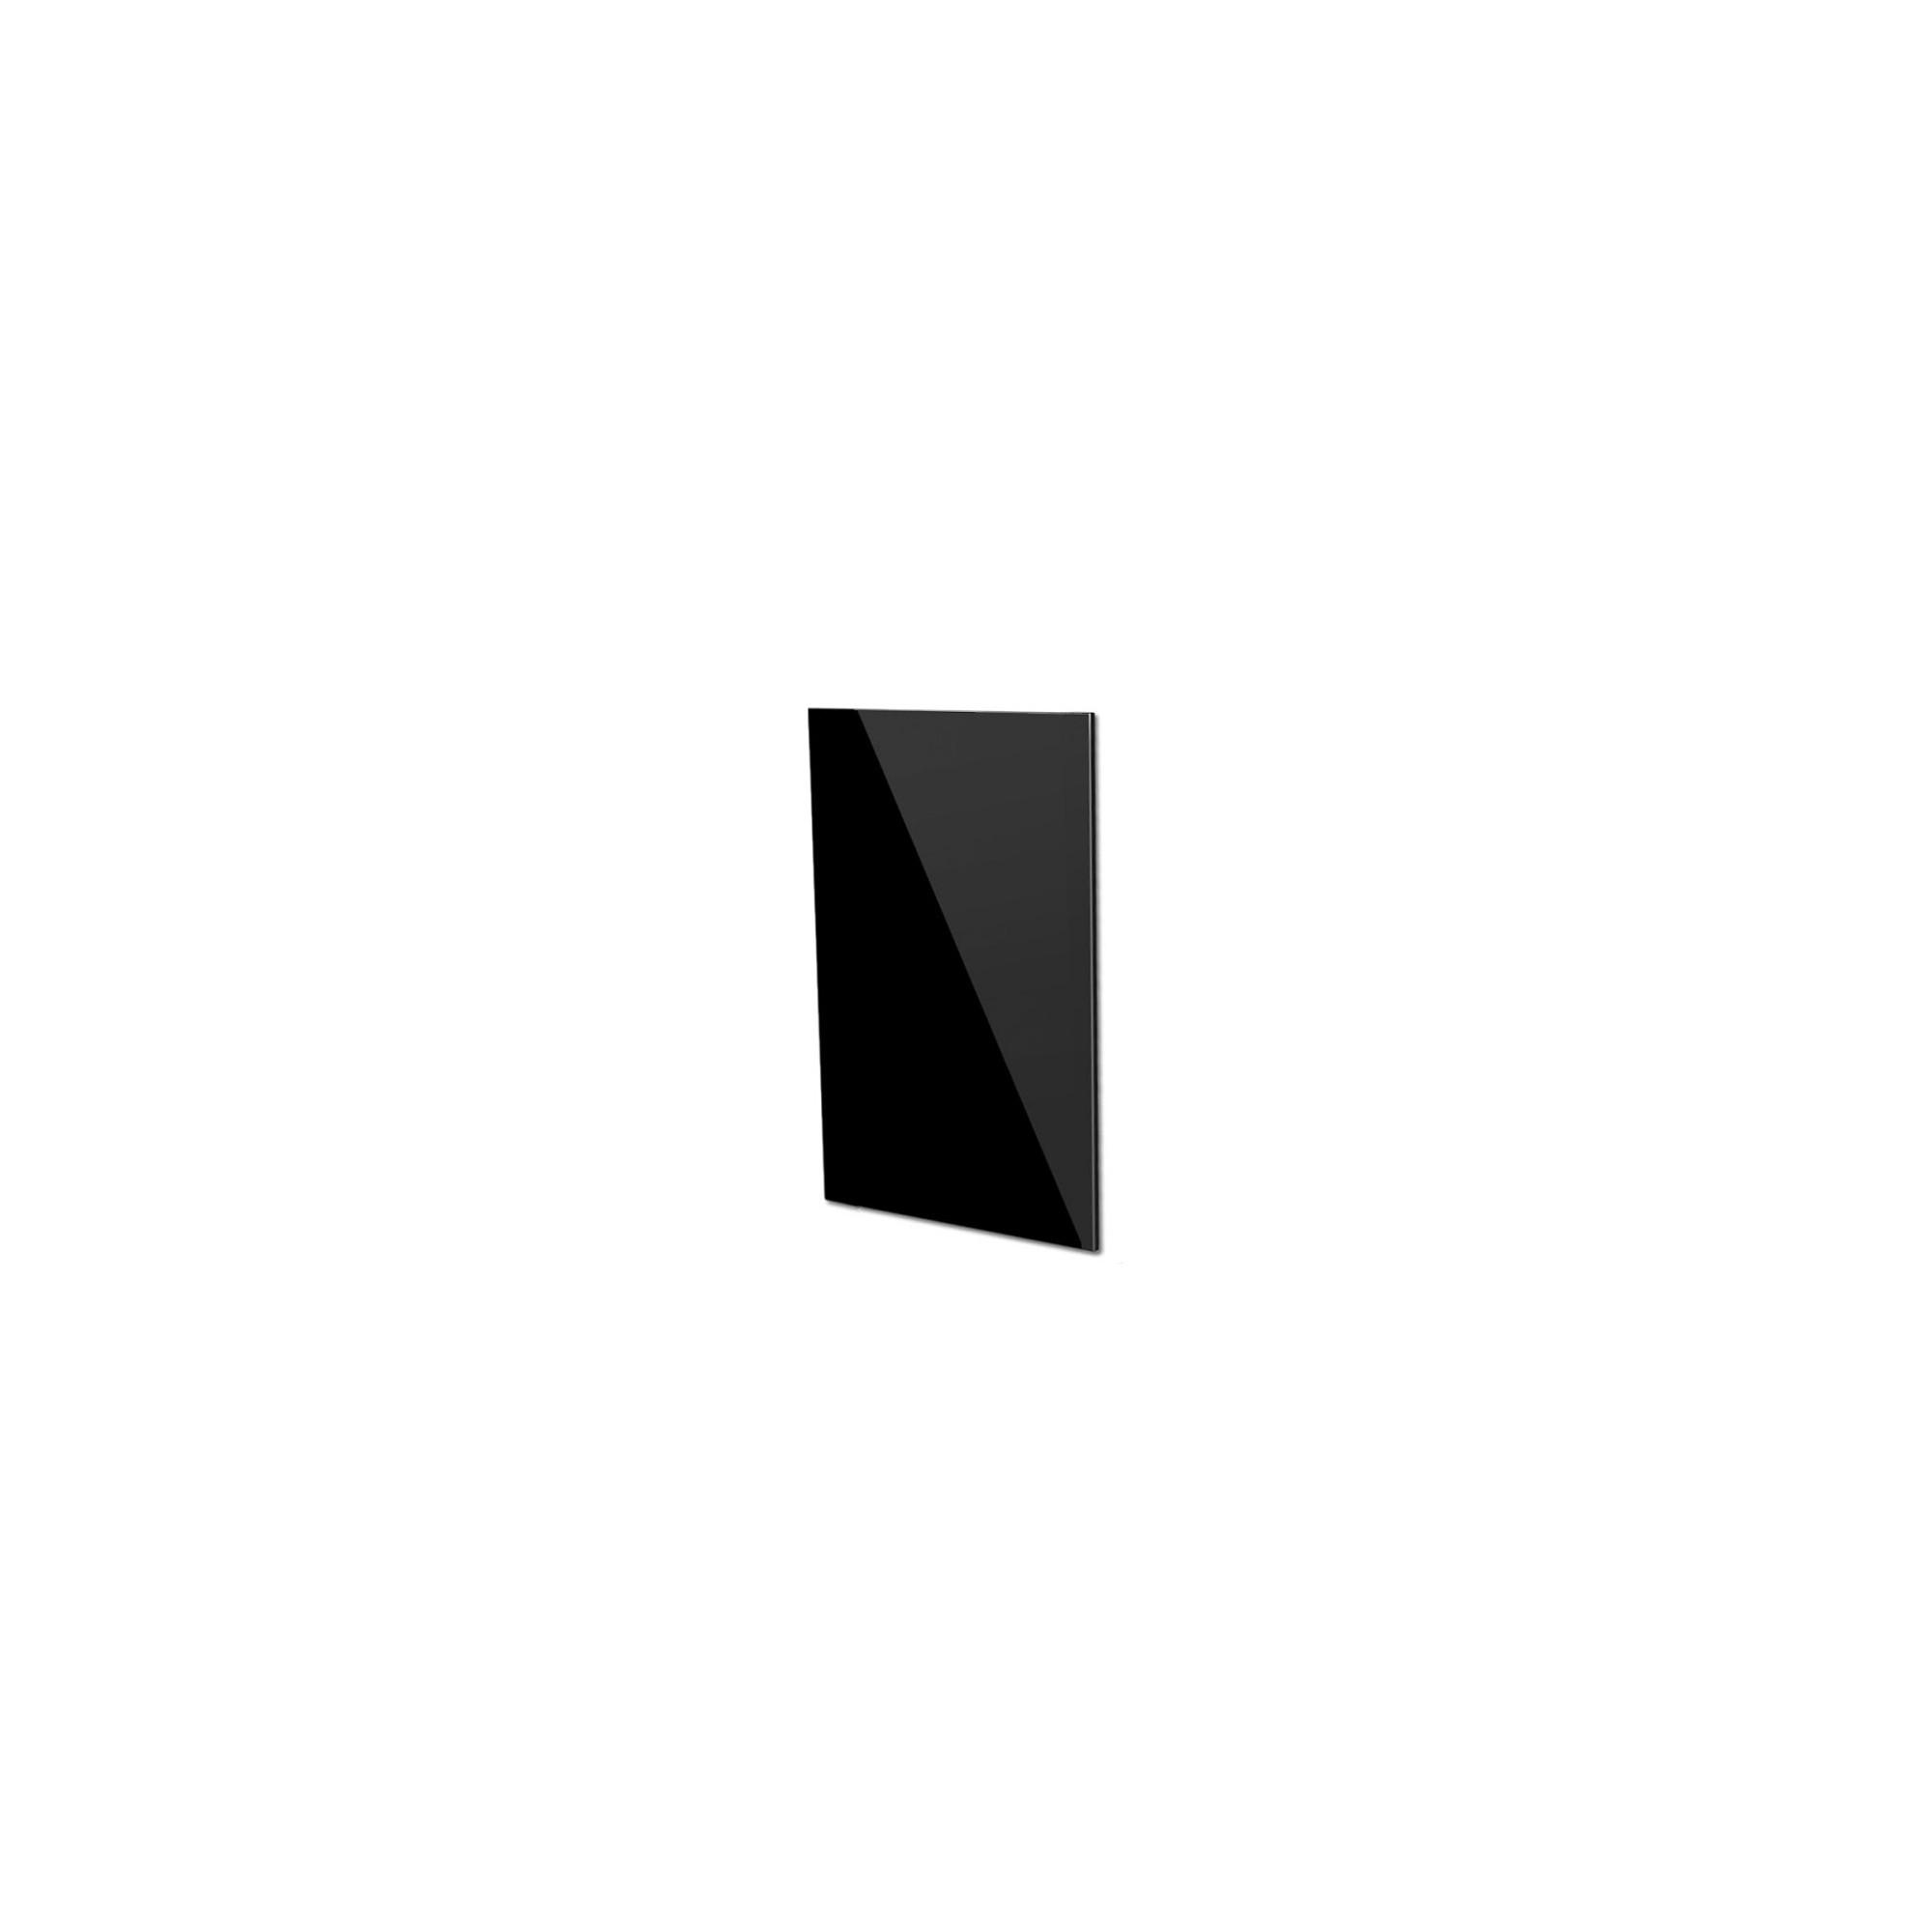 ACHTERWAND ZWART GLAS KT85MD (217X480 MM)